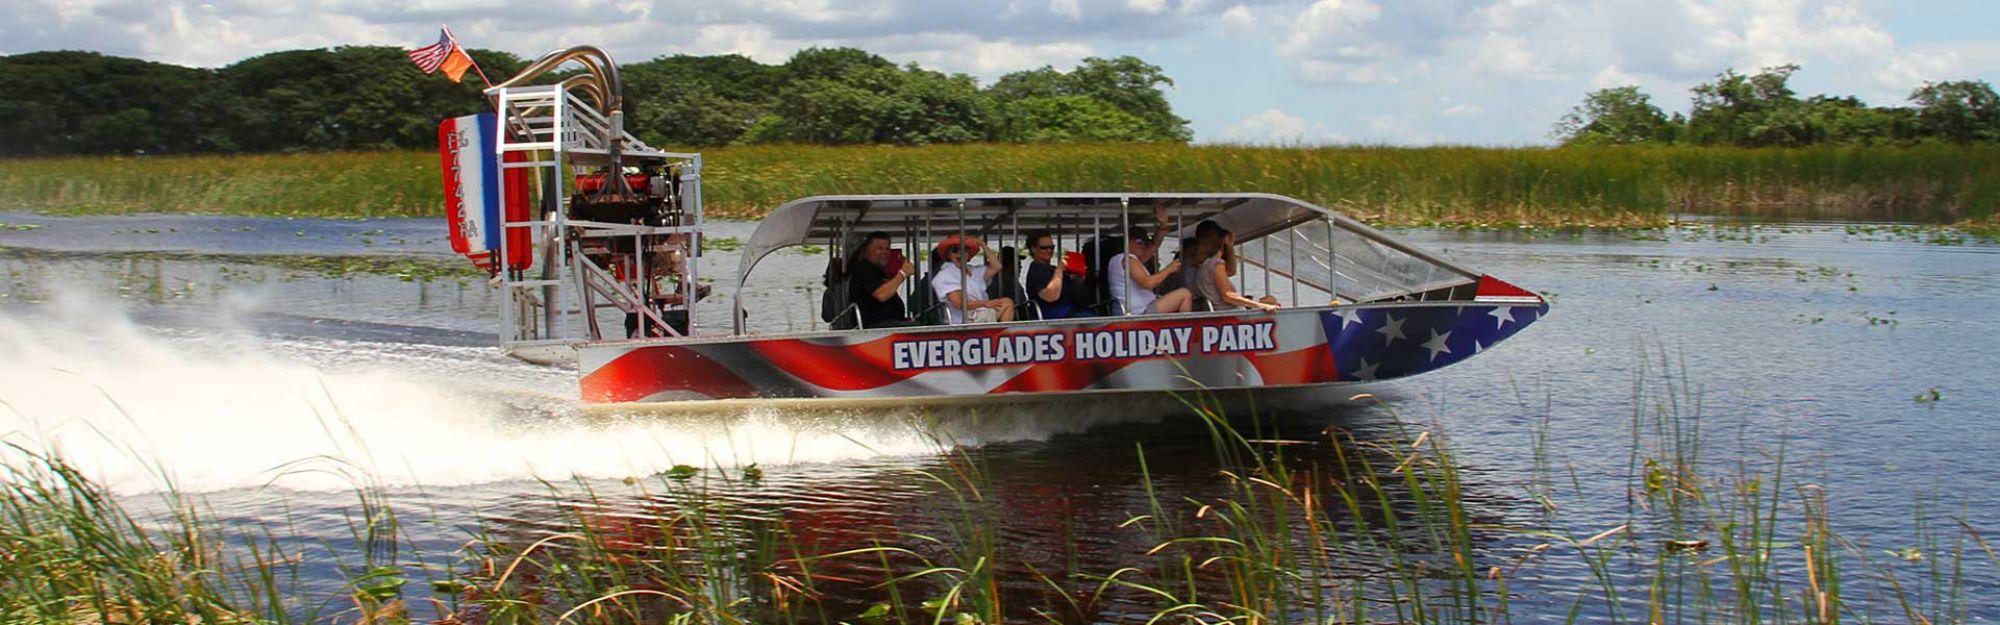 Miami Big Bus Experiencia de los Everglades